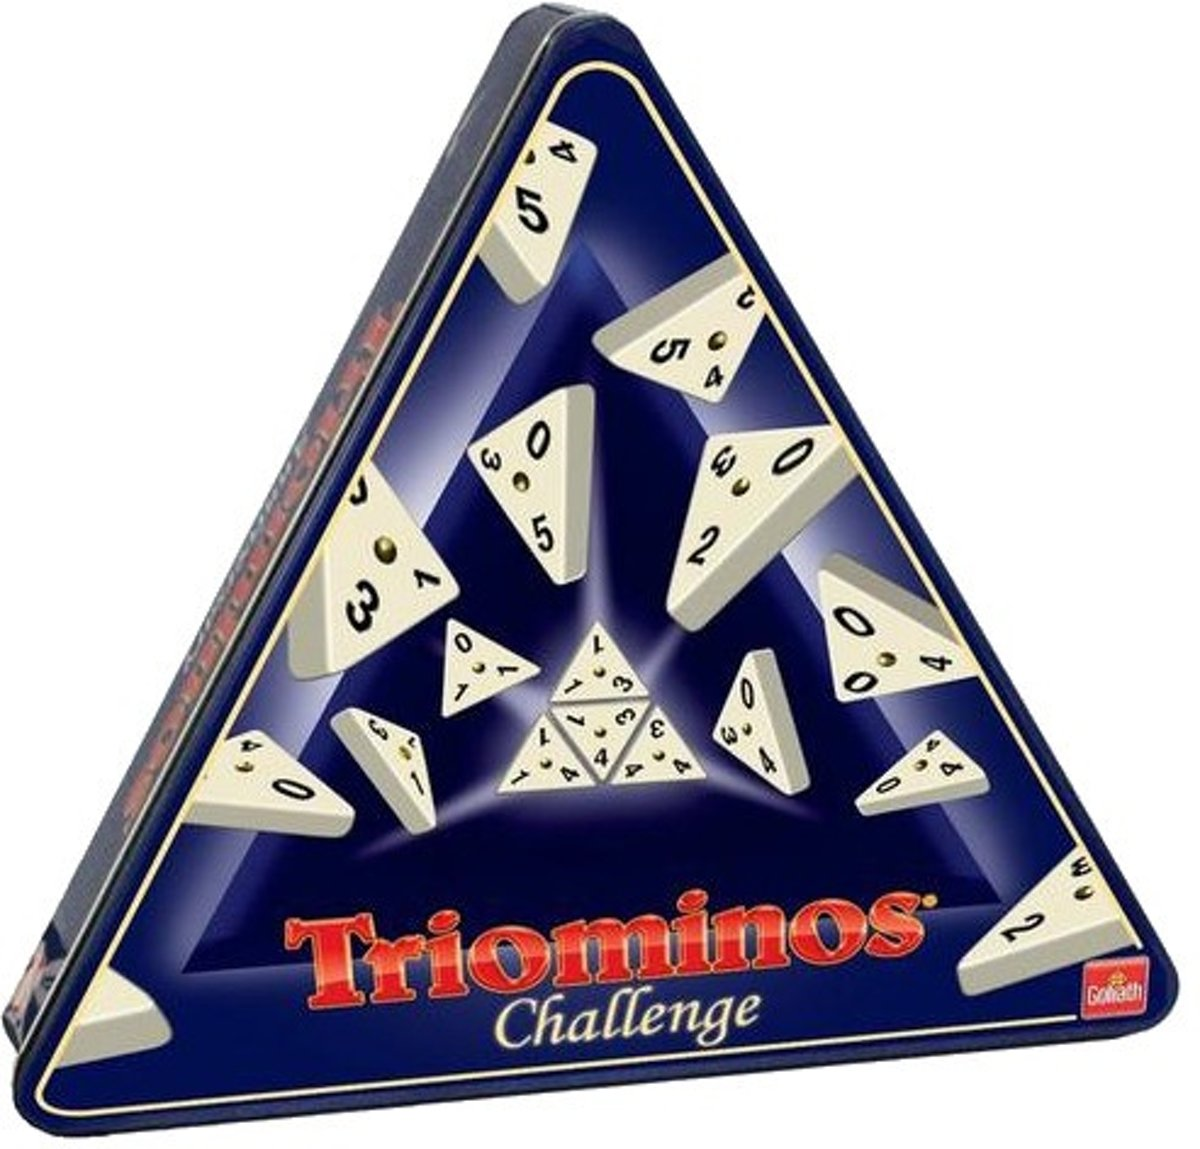 Triominos - Challenge - Gezelschapsspel - Goliath kopen